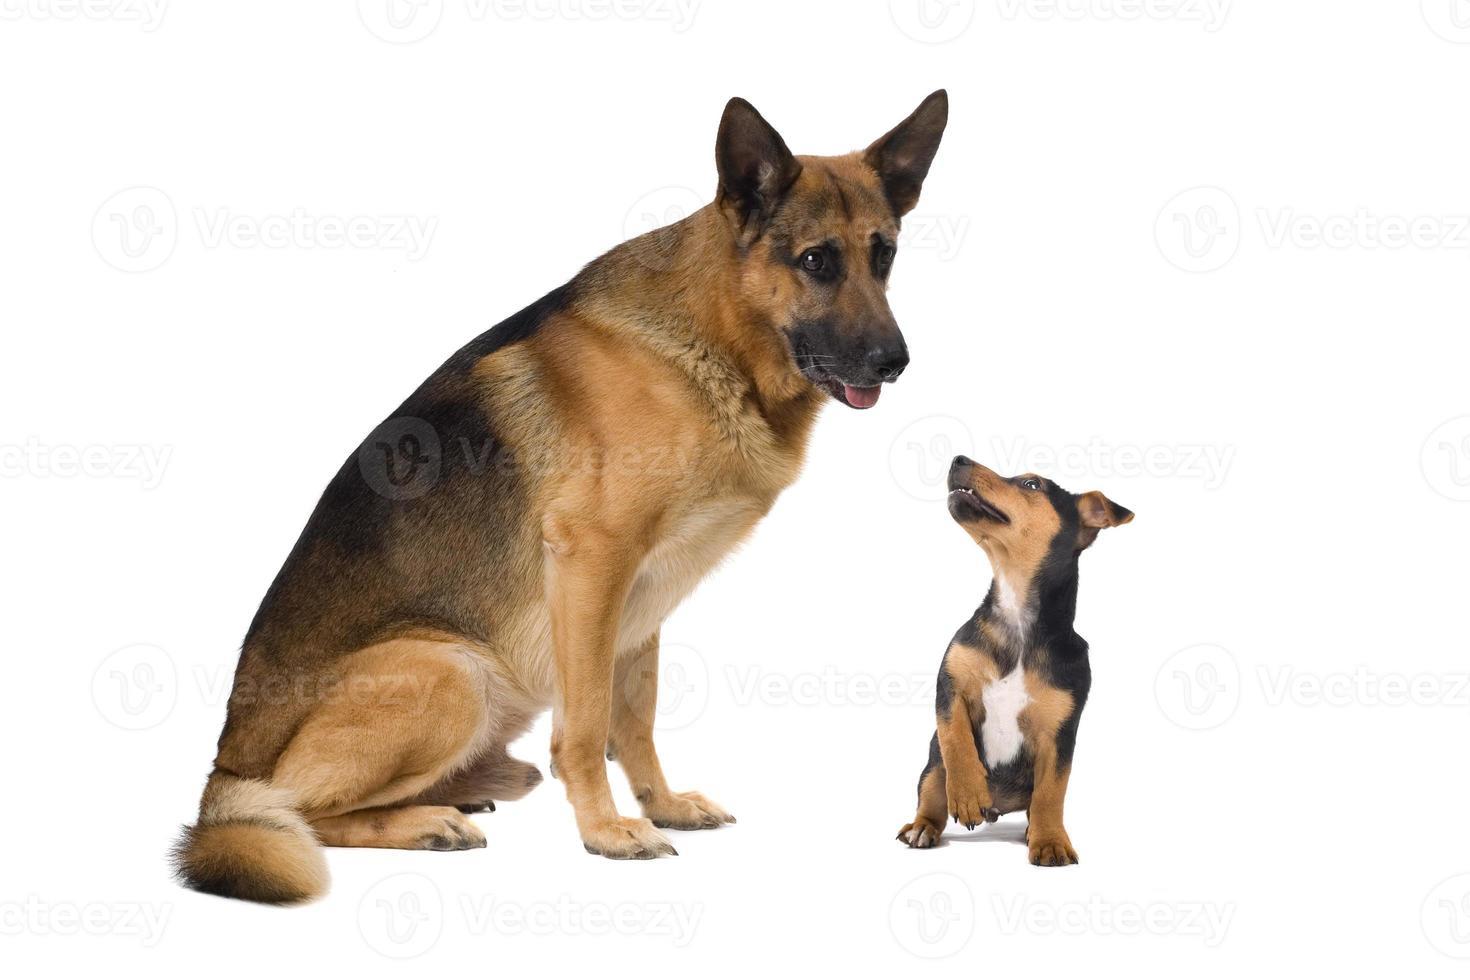 tysk shepard och en jack russel terrier foto